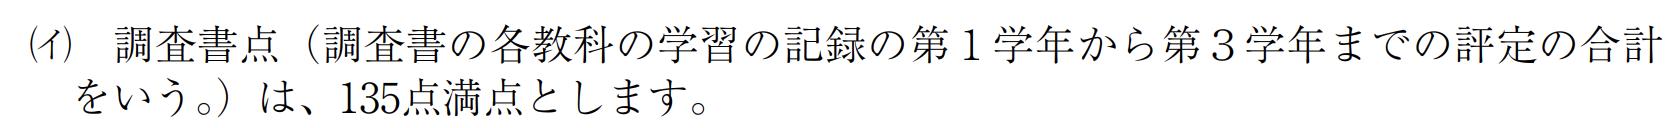 愛媛県公立高校入試制度2